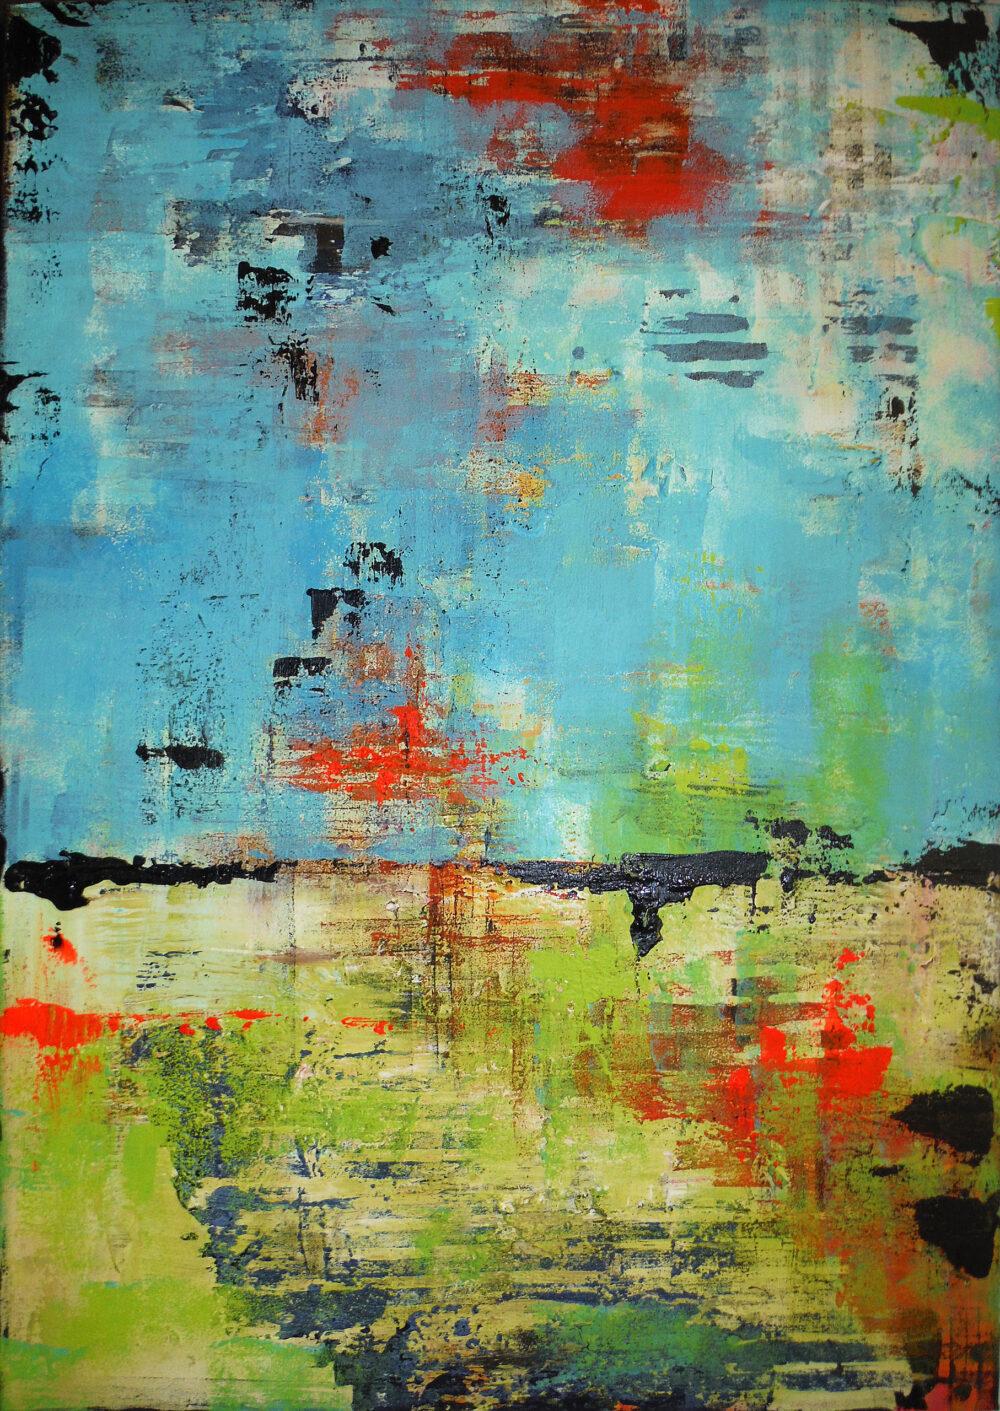 Das abstraktes Gemälde Loft zeigt eine blaue Fläche im oberen Teil und eine hellgrüne Fläche im unteren Teil. Aufgebrochen werden die Flächen durch Linien in den Farben schwarz, grau und neongrün.